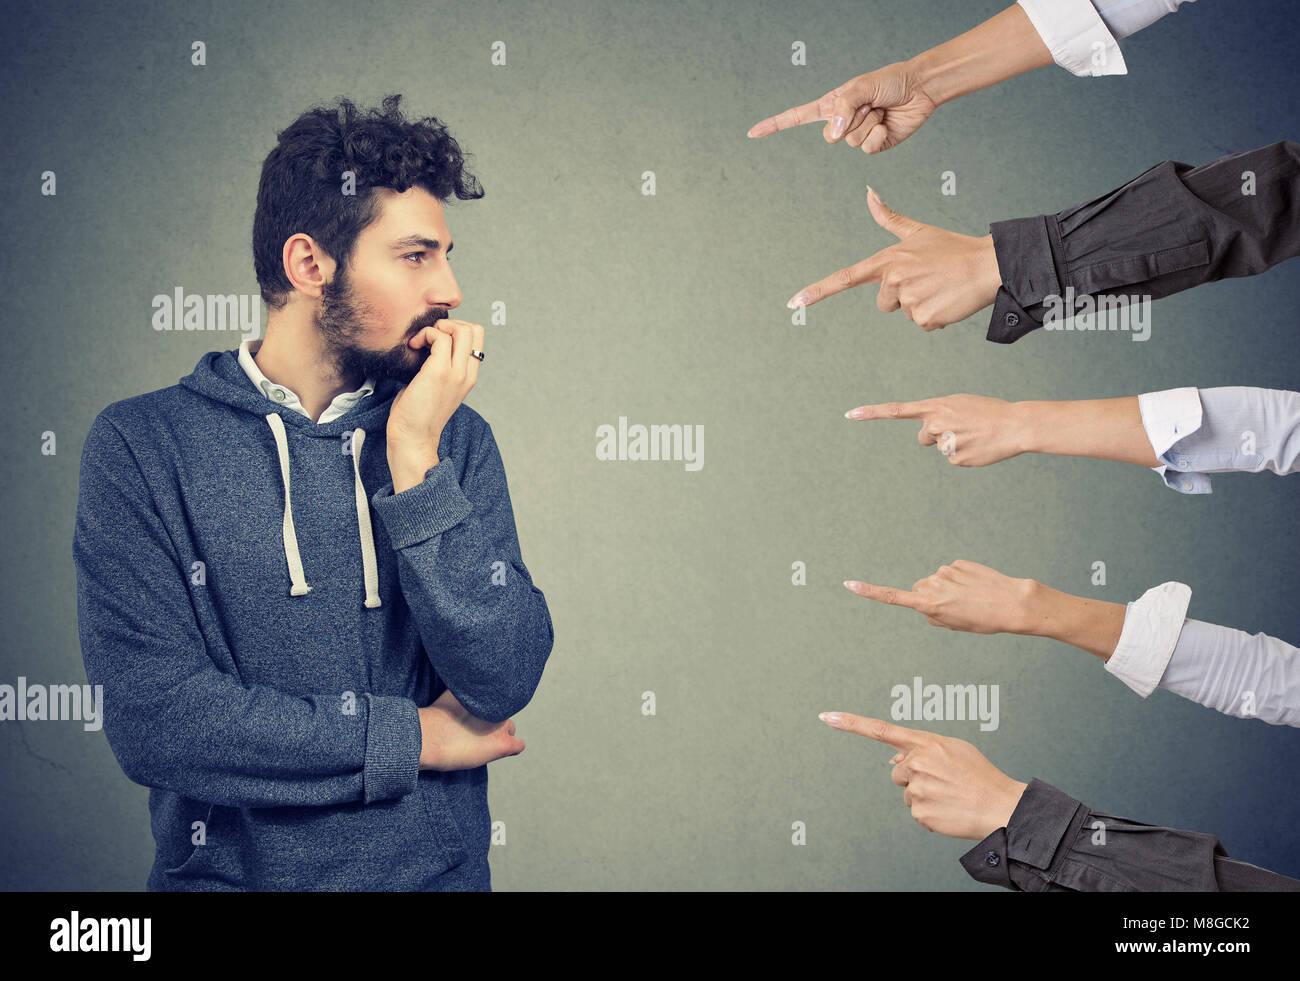 L'homme anxieux jugés par des personnes différentes. Concept de l'accusation de culpabilité Photo Stock